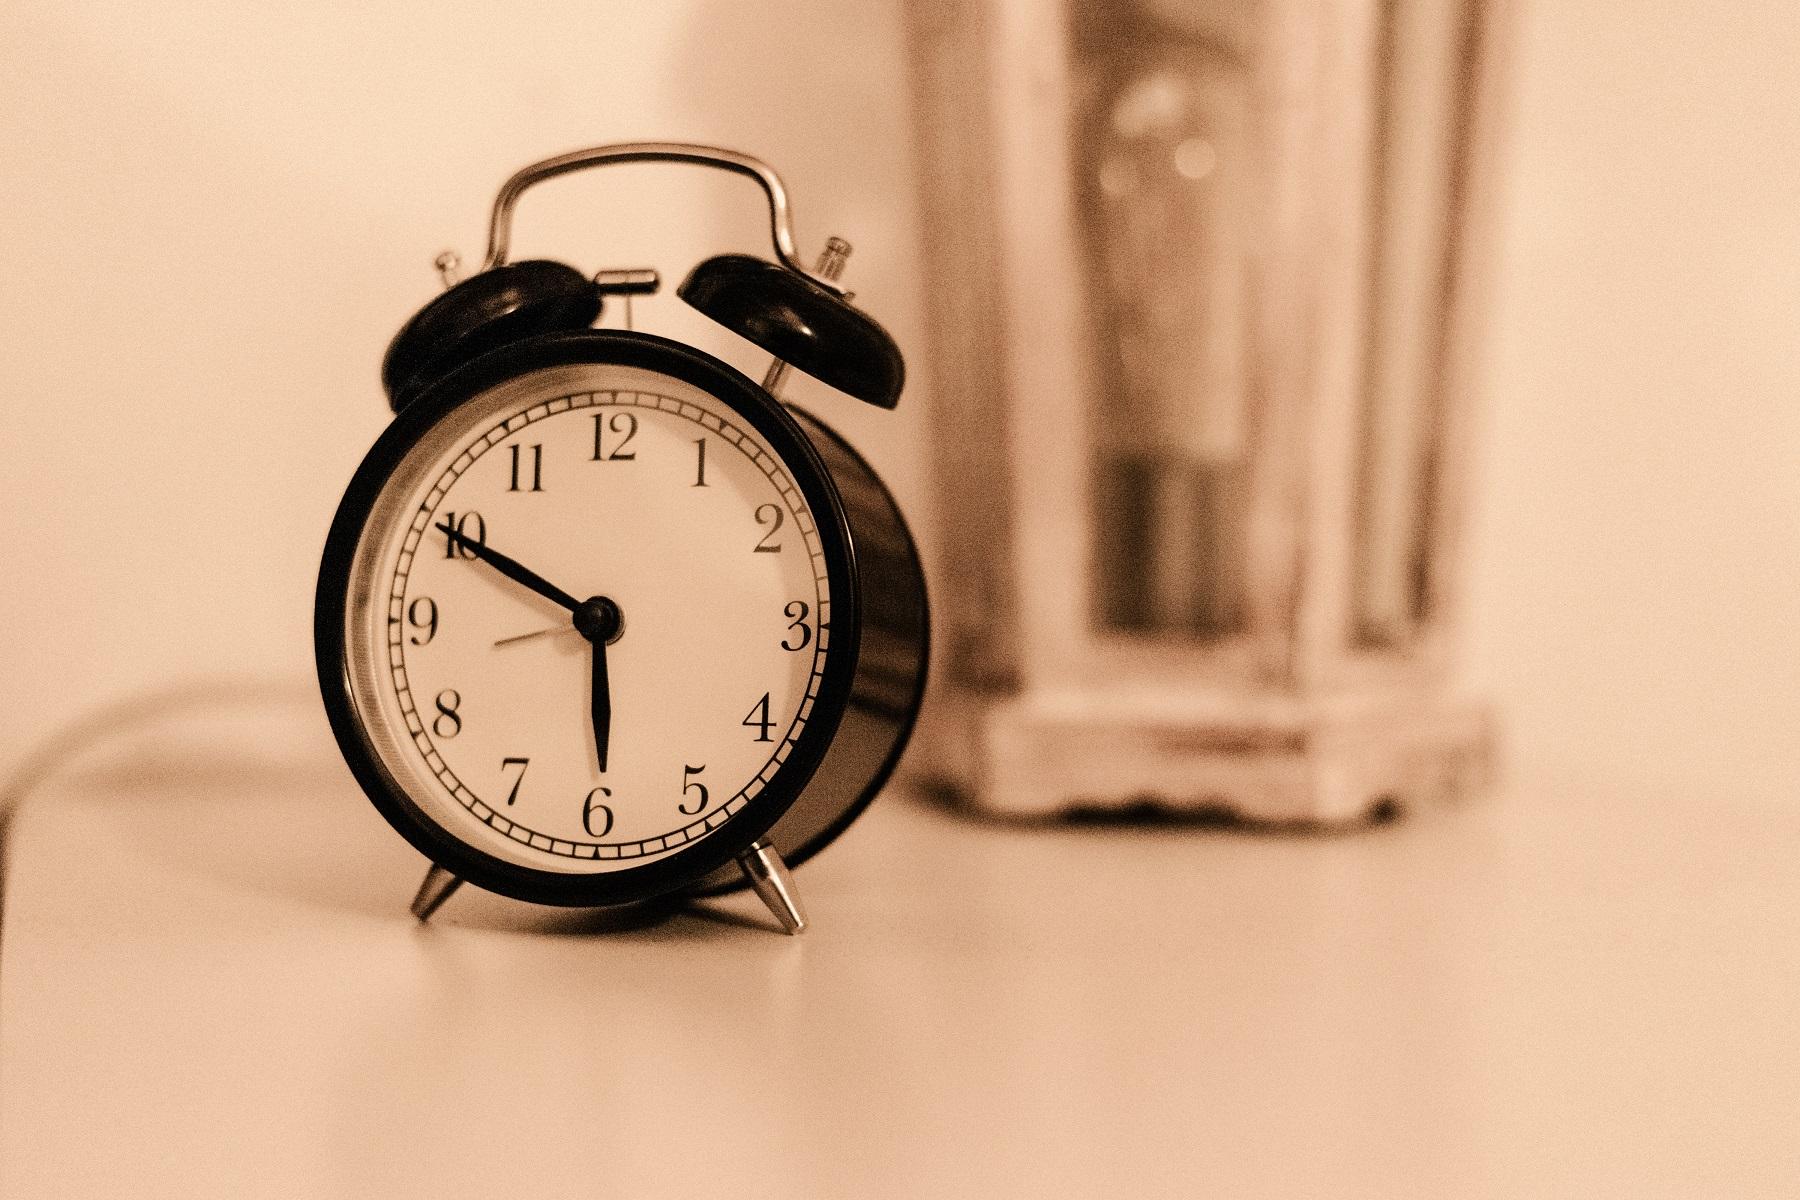 睡眠の時間が取れない人におススメ!短時間で熟睡する方法